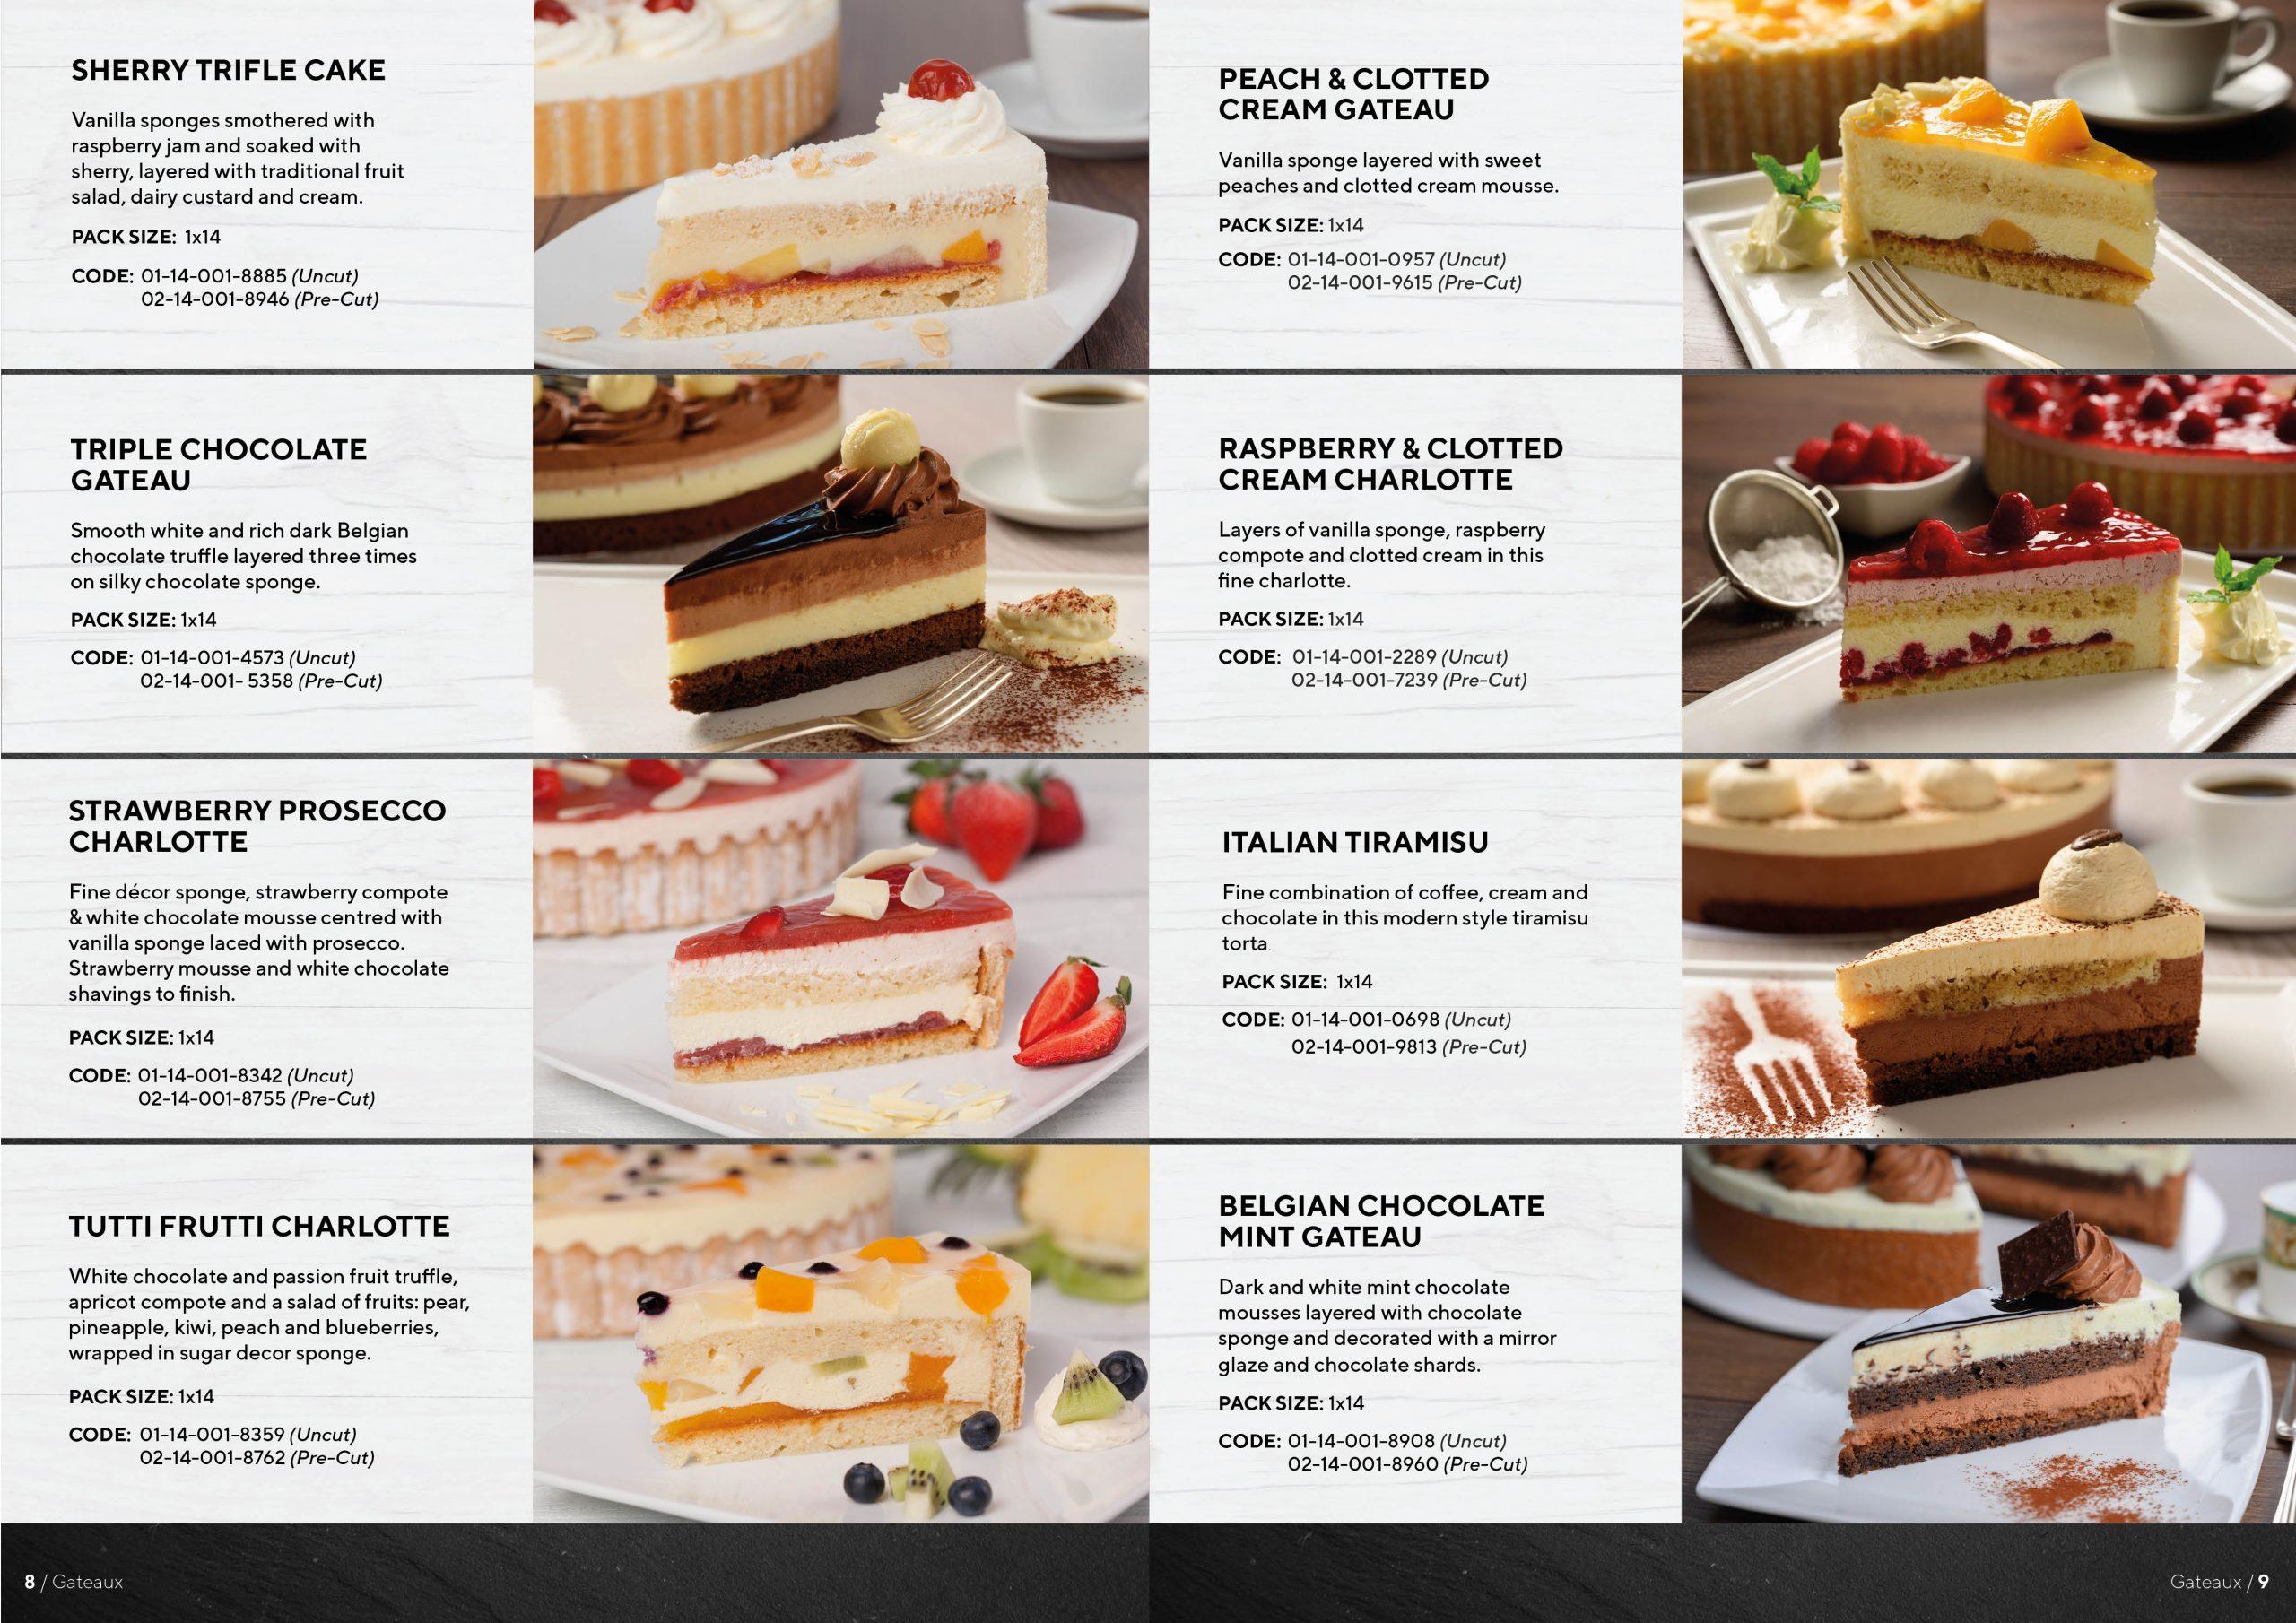 chantilly-patisserie-brochure-inside-spread-2